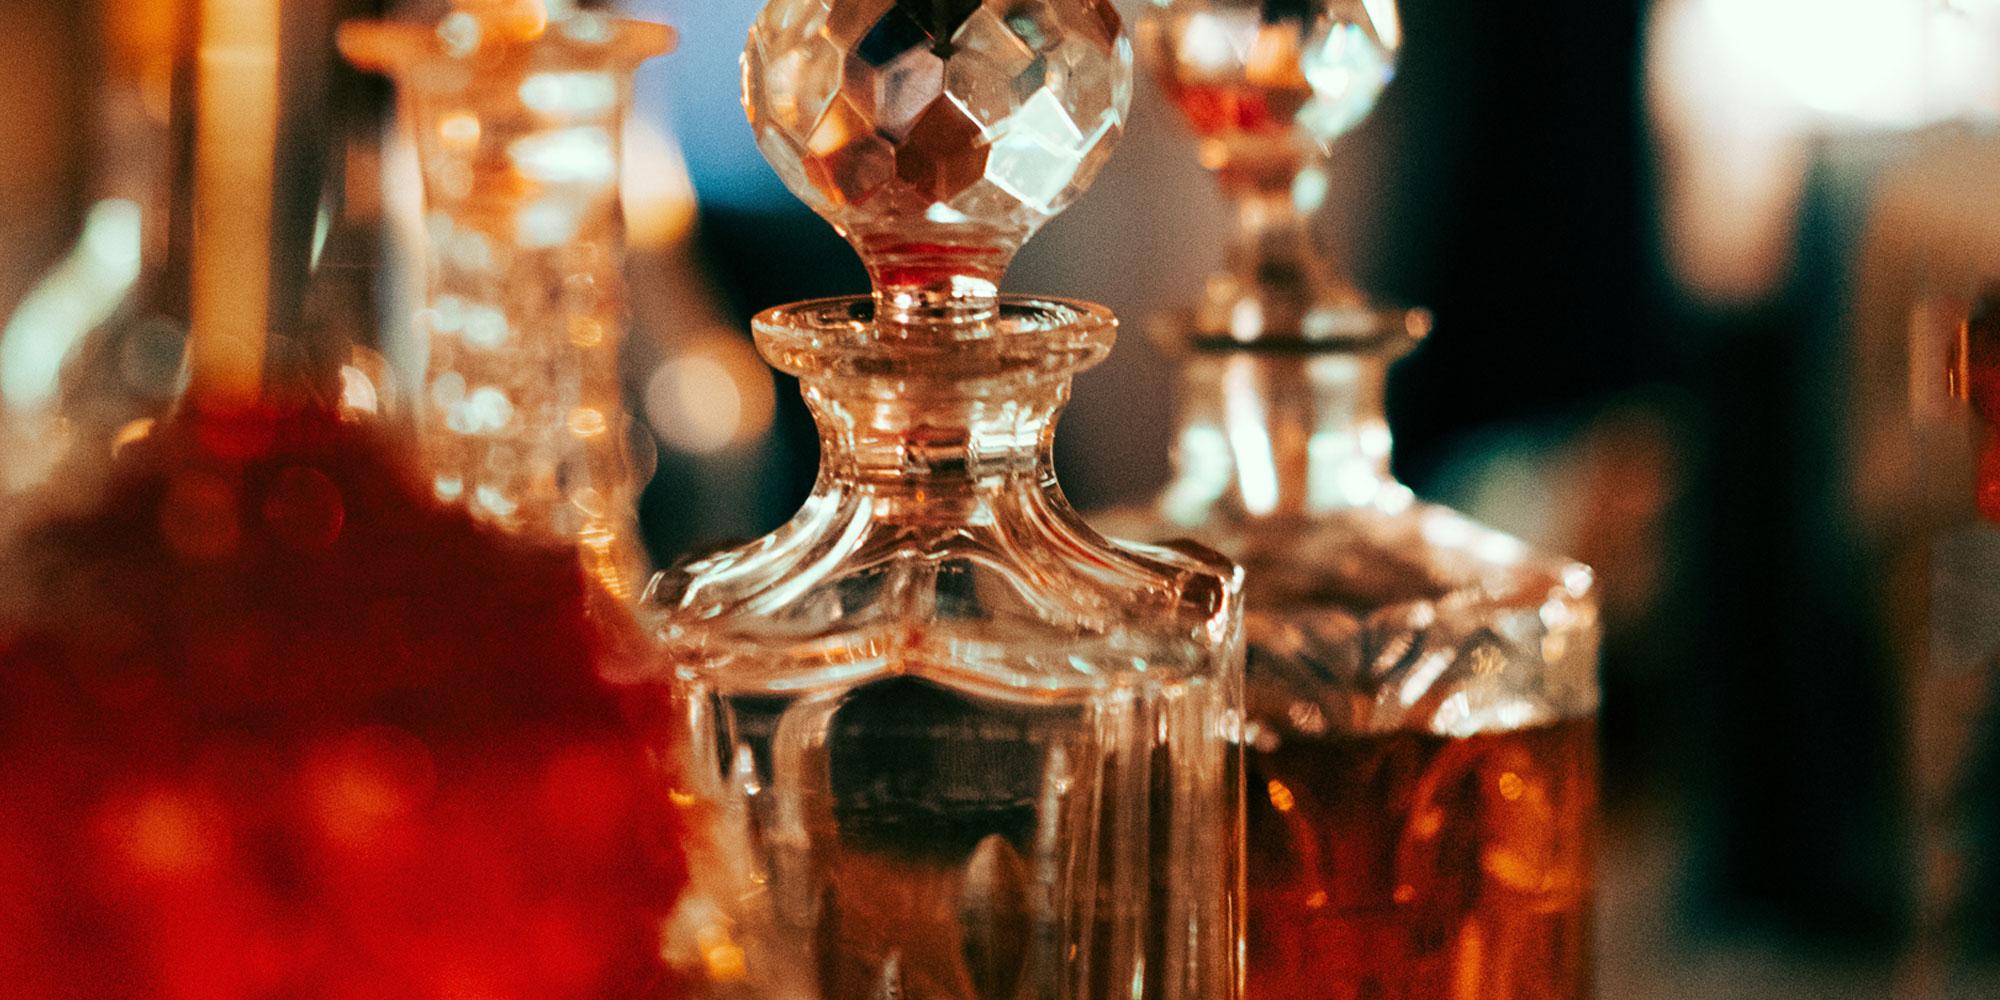 Una hoja de ruta animada hacia Europa continental, la próxima frontera de whisky del mundo